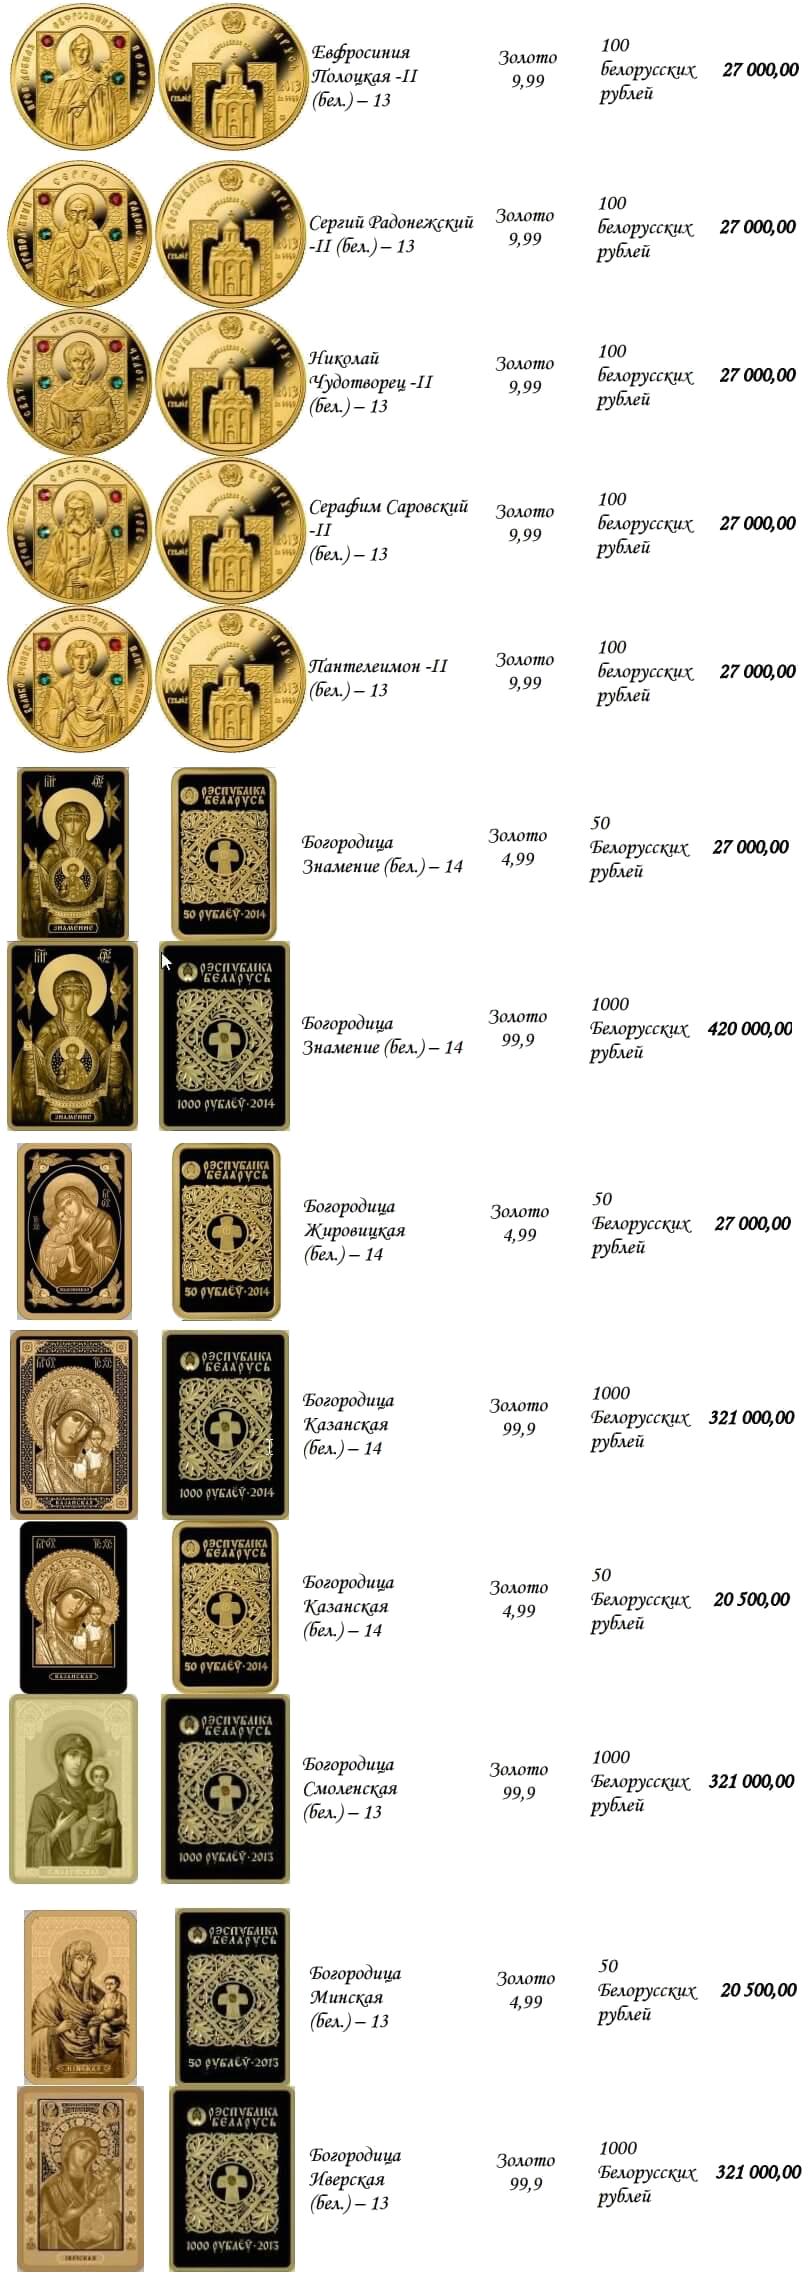 Новые поступления золотых монет от Сбербанка